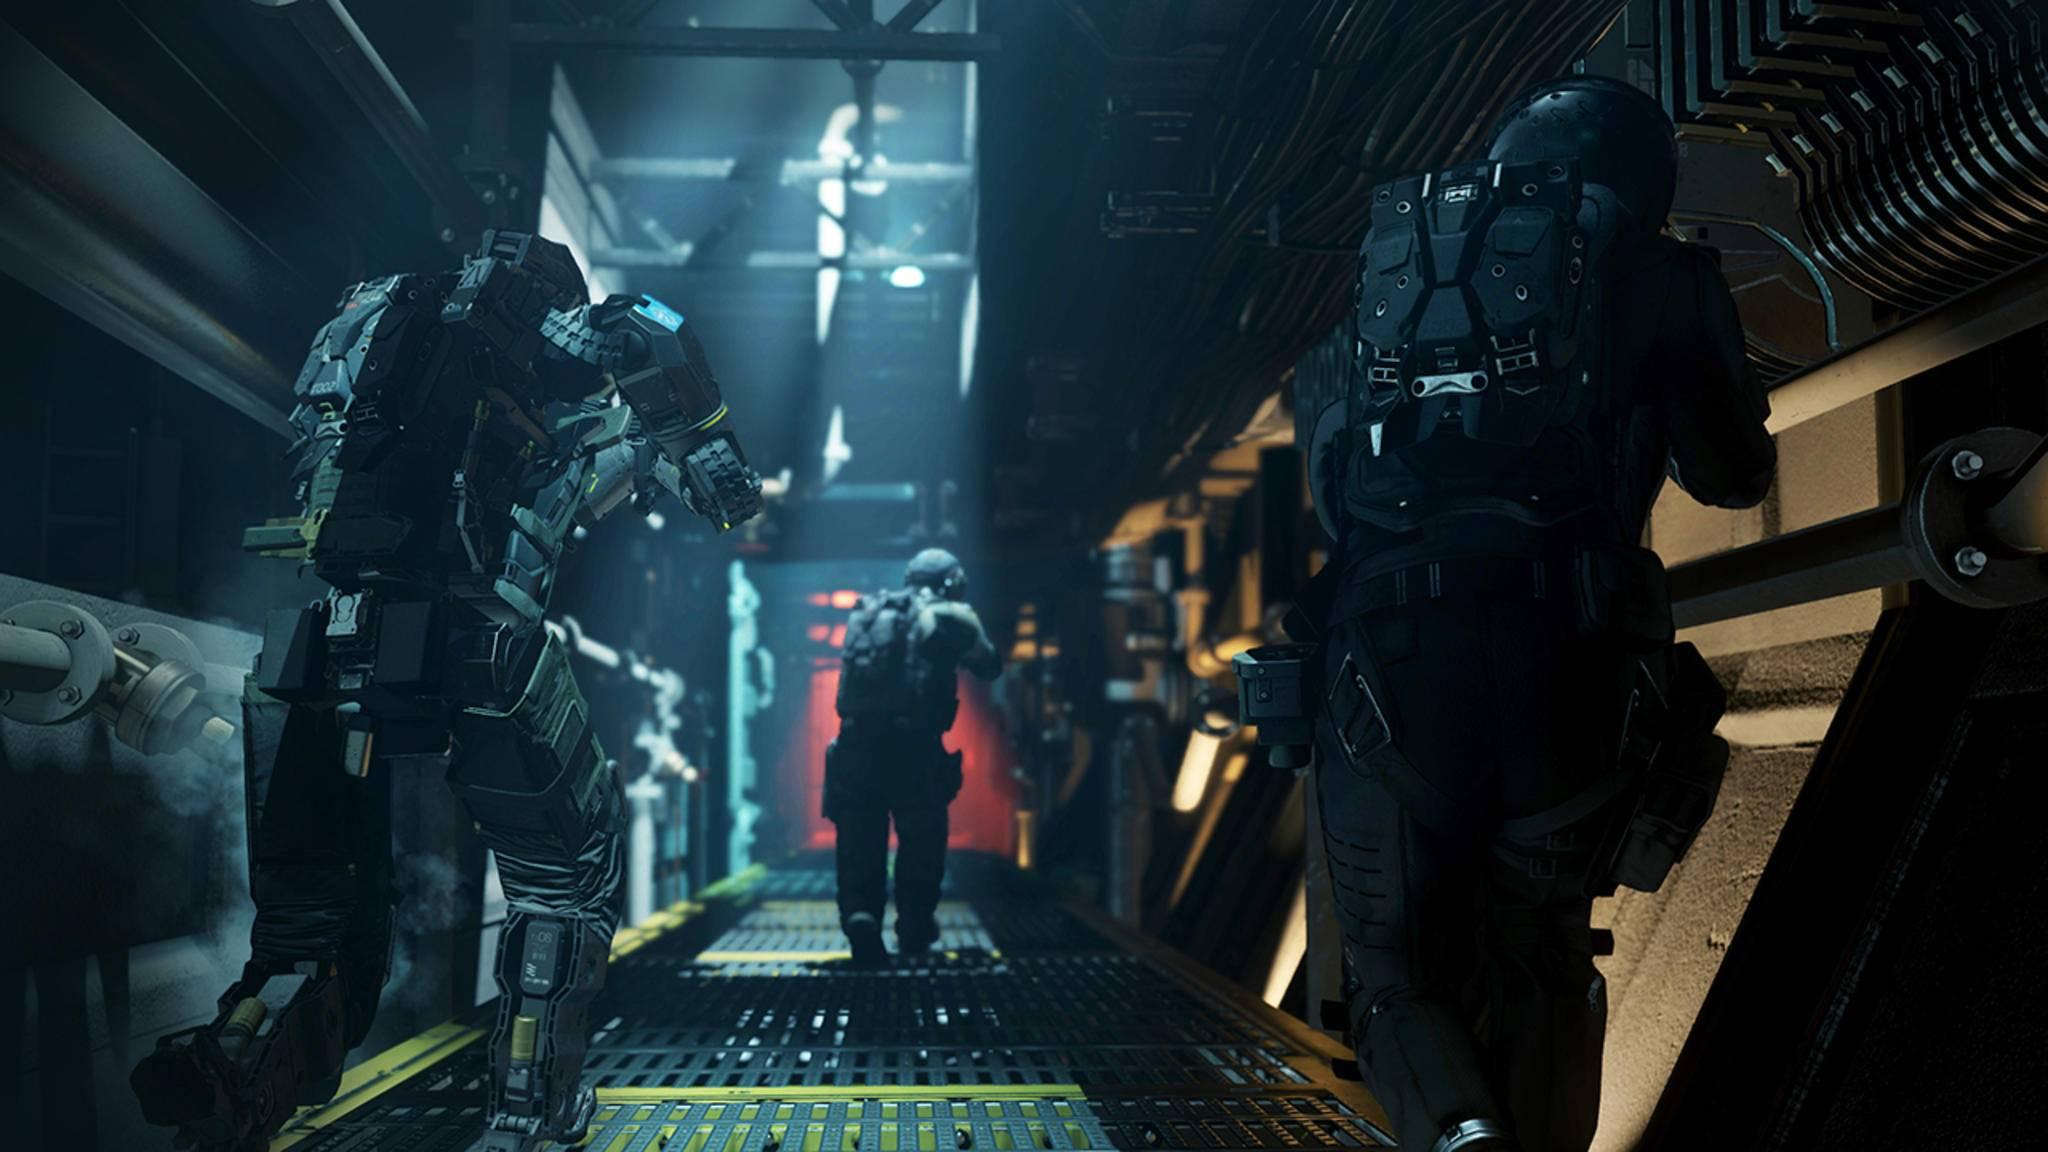 """Schafft es Inifinity Ward in """"Call of Duty"""" 2019 wieder eine packende Geschichte wie in Infinite Warfare zu erzählen?"""